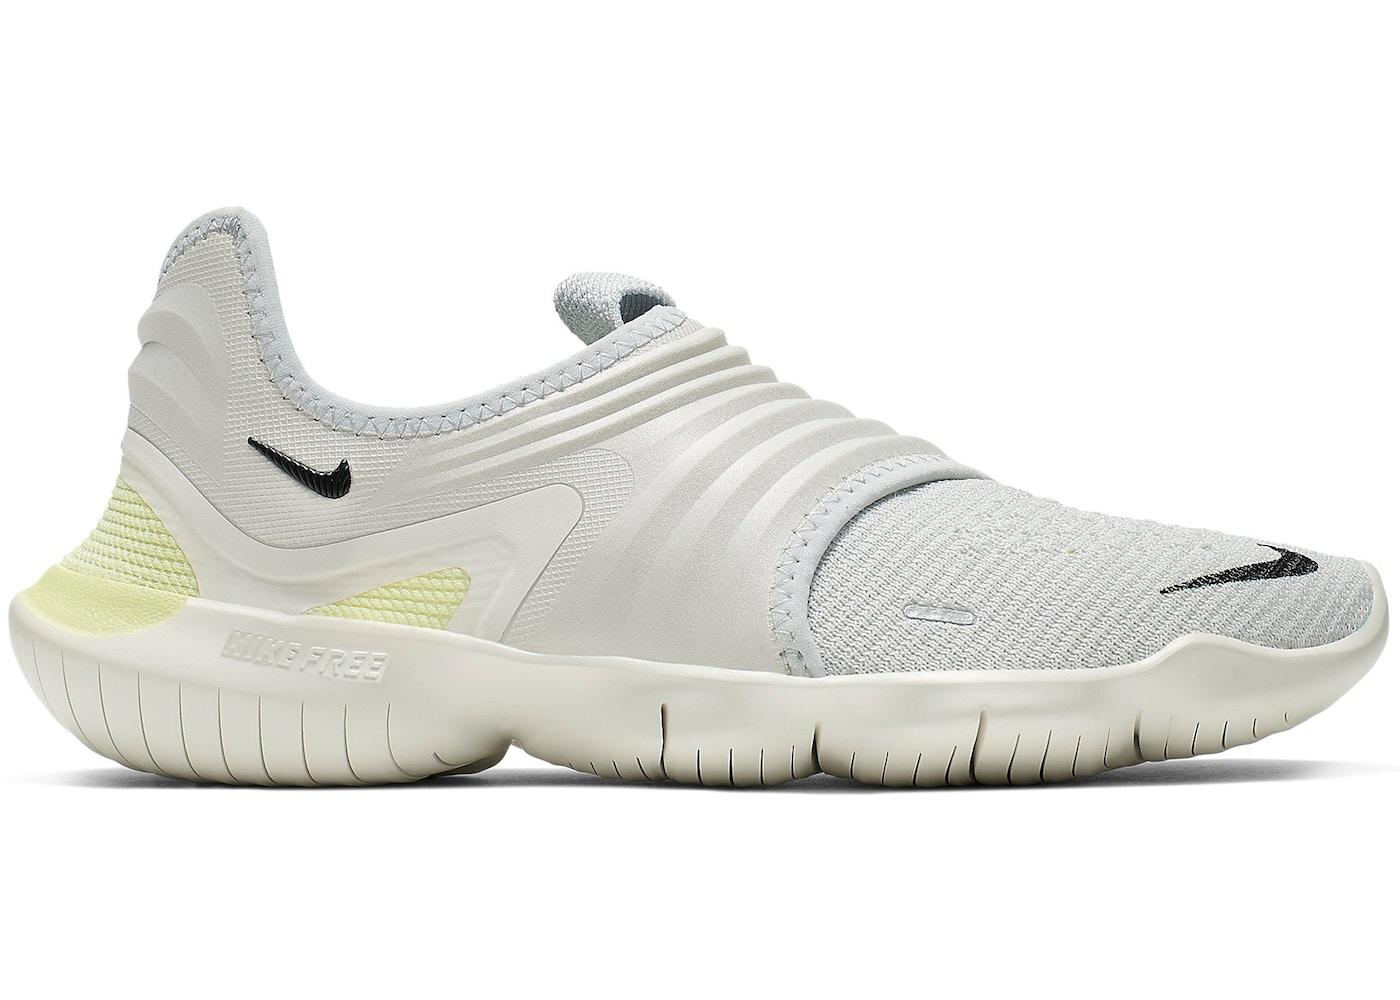 df4c96a7991a3 Nike Free RN Flyknit 3.0 Pure Platinum Luminous Green (W) - AQ5708-004